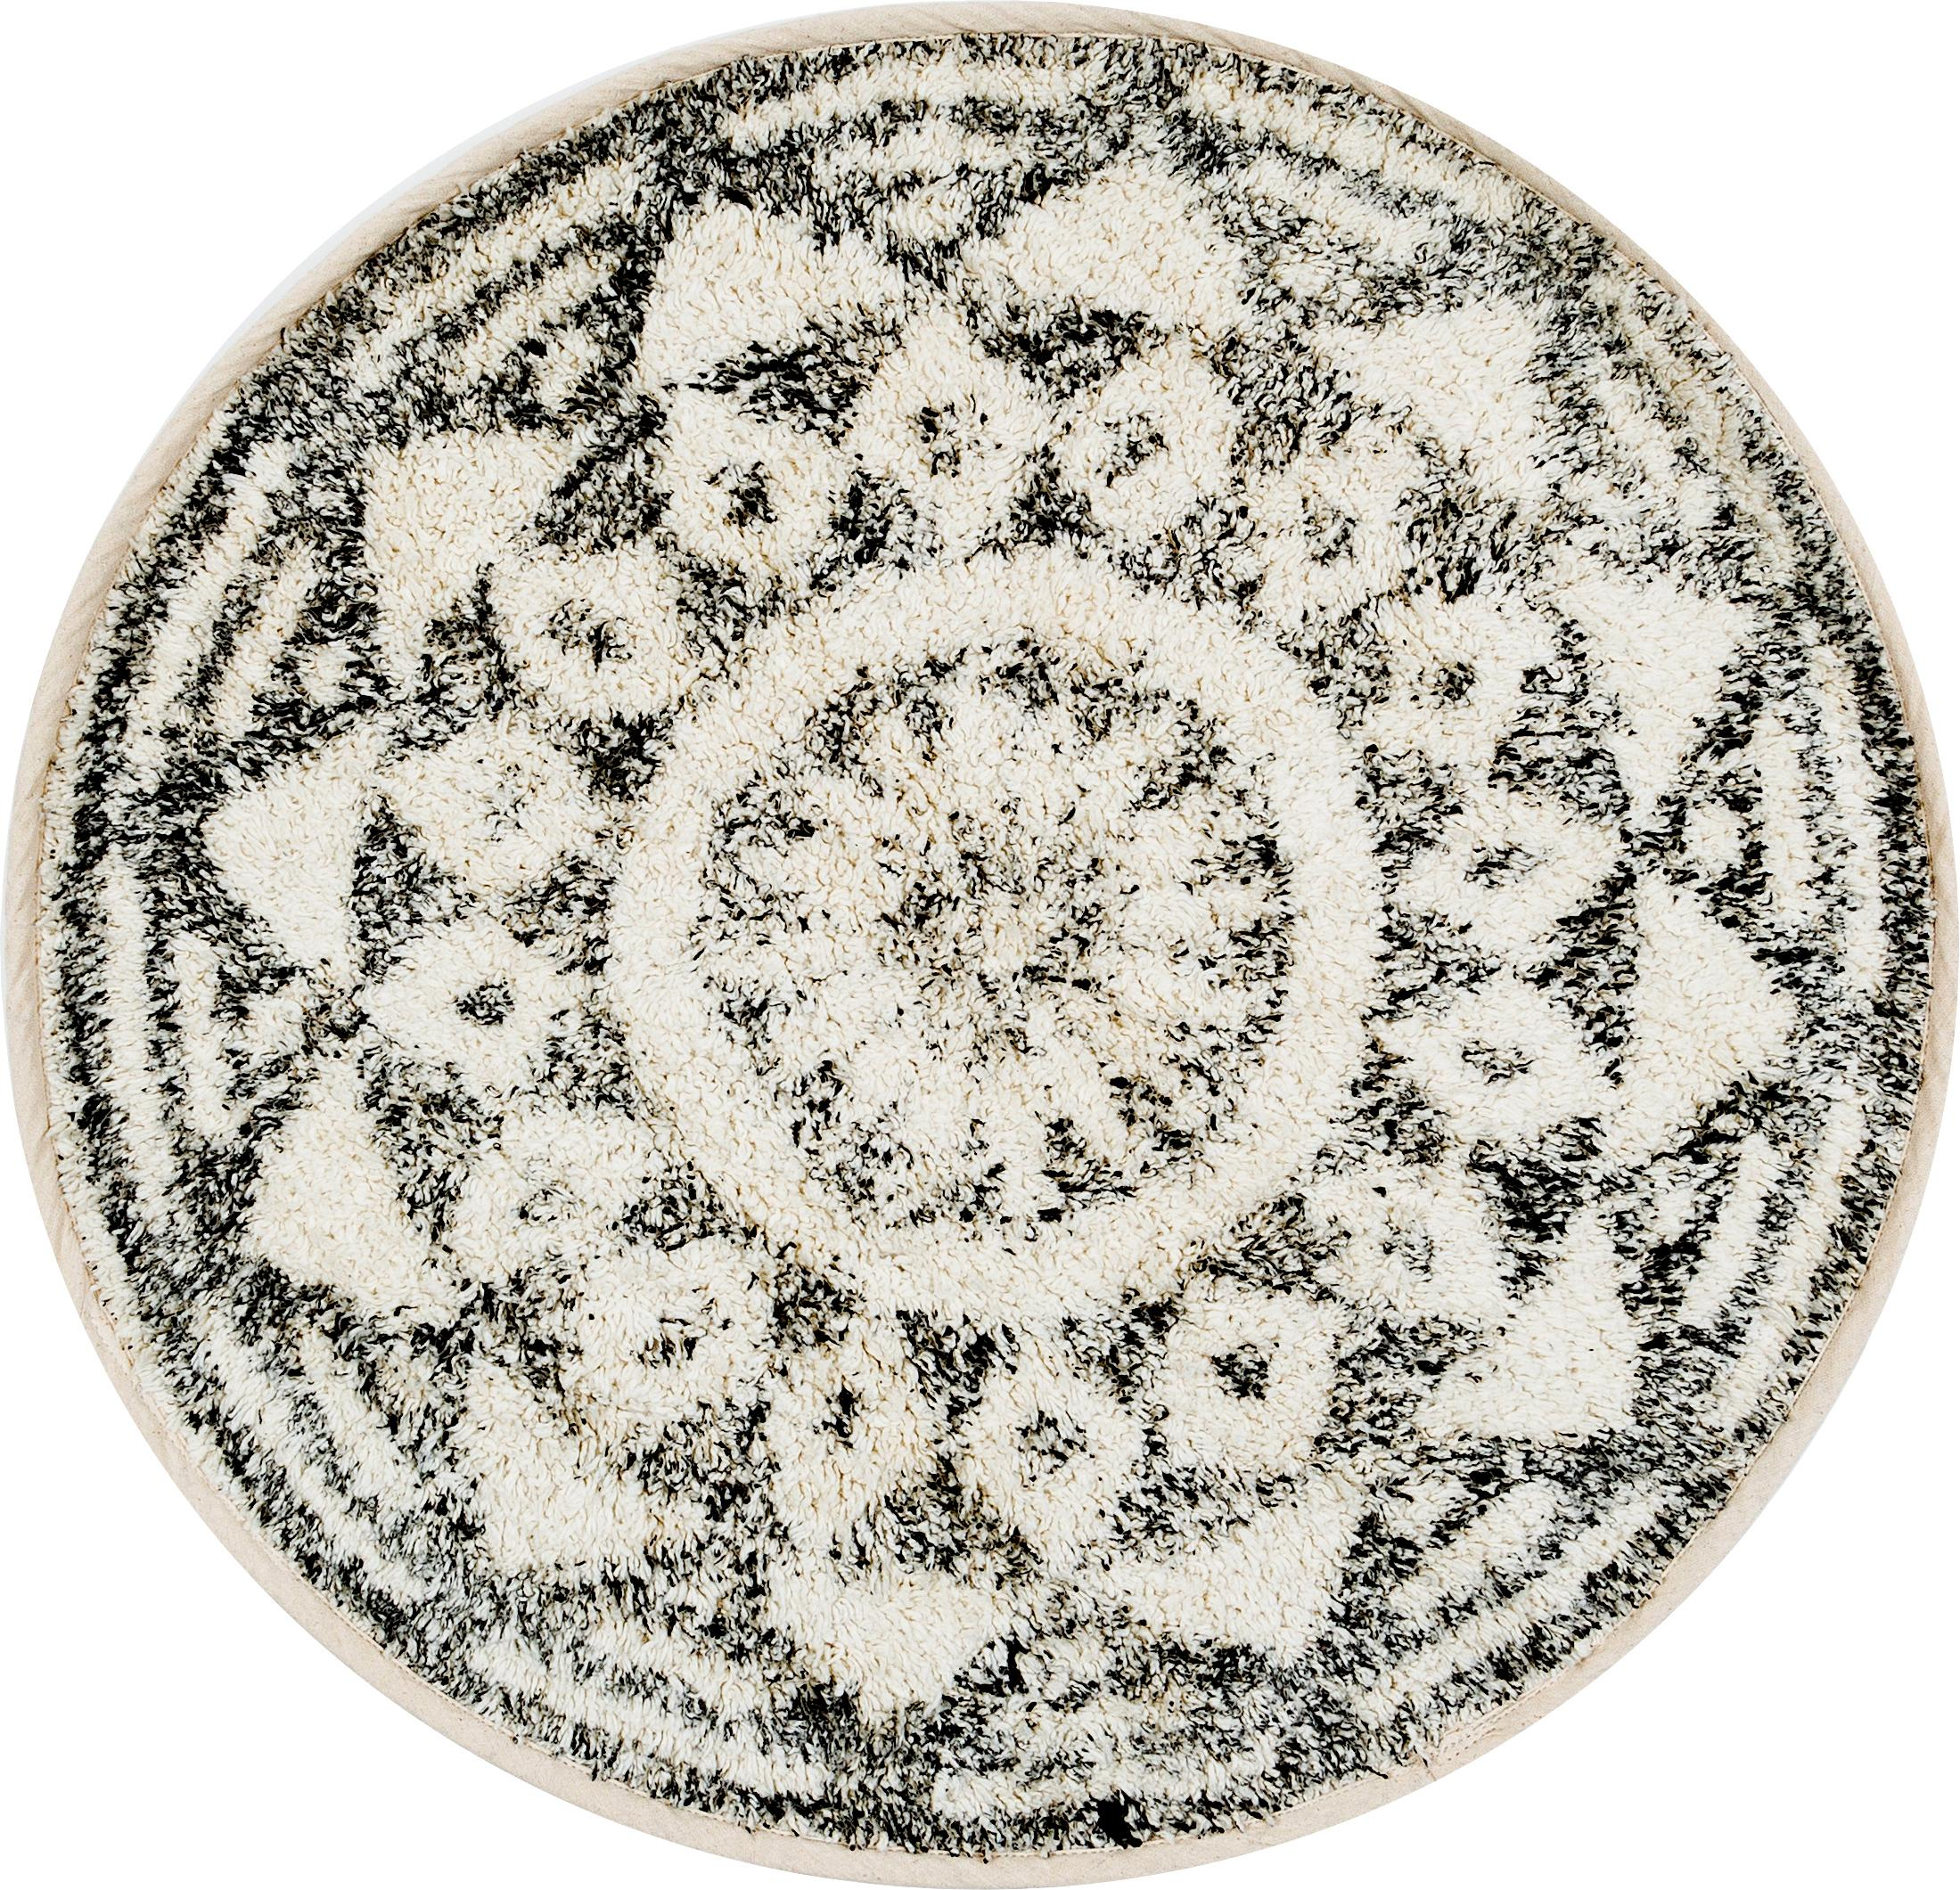 Runde Badematte Gaile im Boho Style, rutschfest, Flor: 100% Baumwolle, Vorderseite: Cremefarben, Grau meliertRückseite: Cremefarben, Ø 80 cm